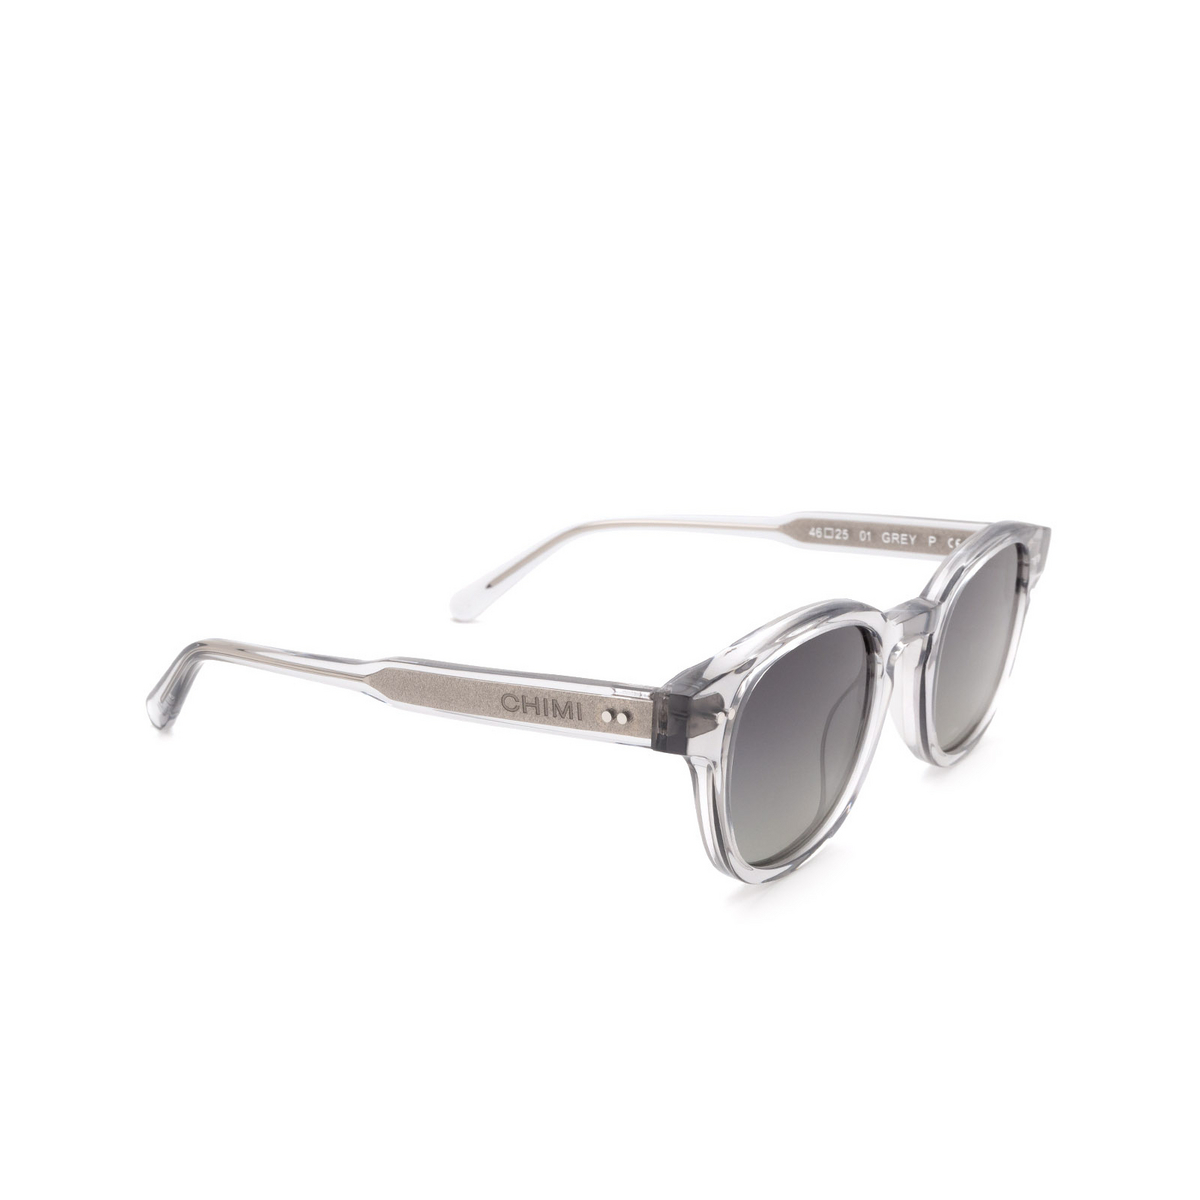 Chimi® Square Sunglasses: 01 color Grey.